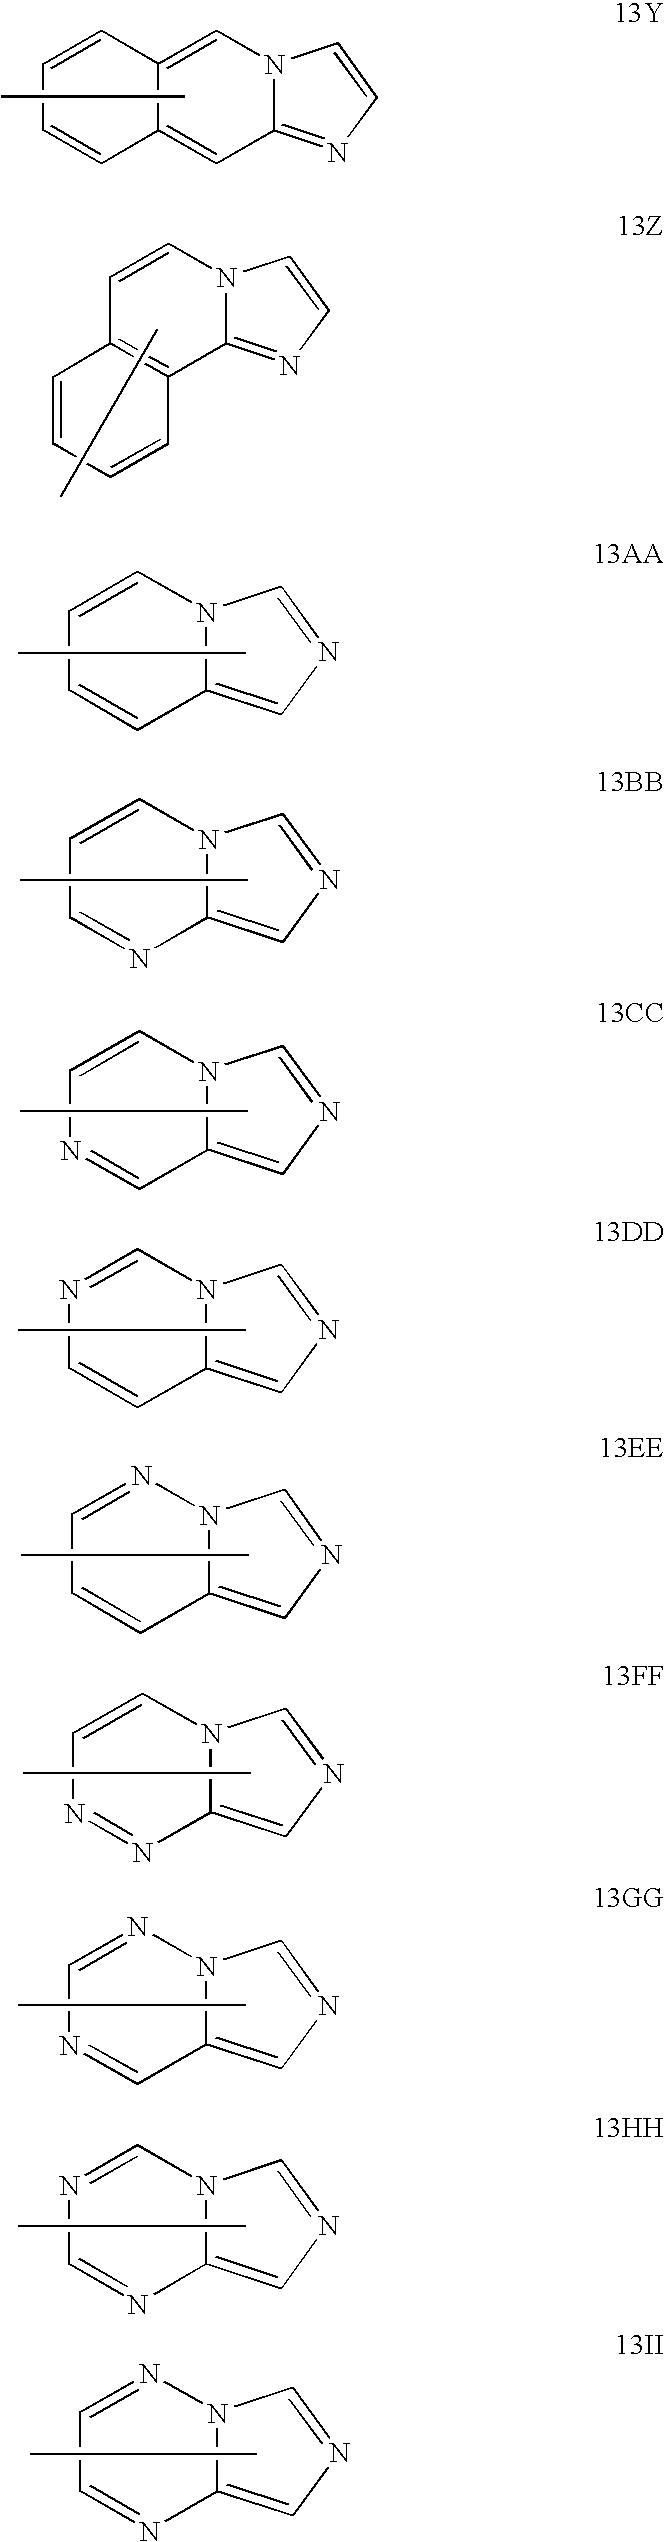 Figure US07875367-20110125-C00085